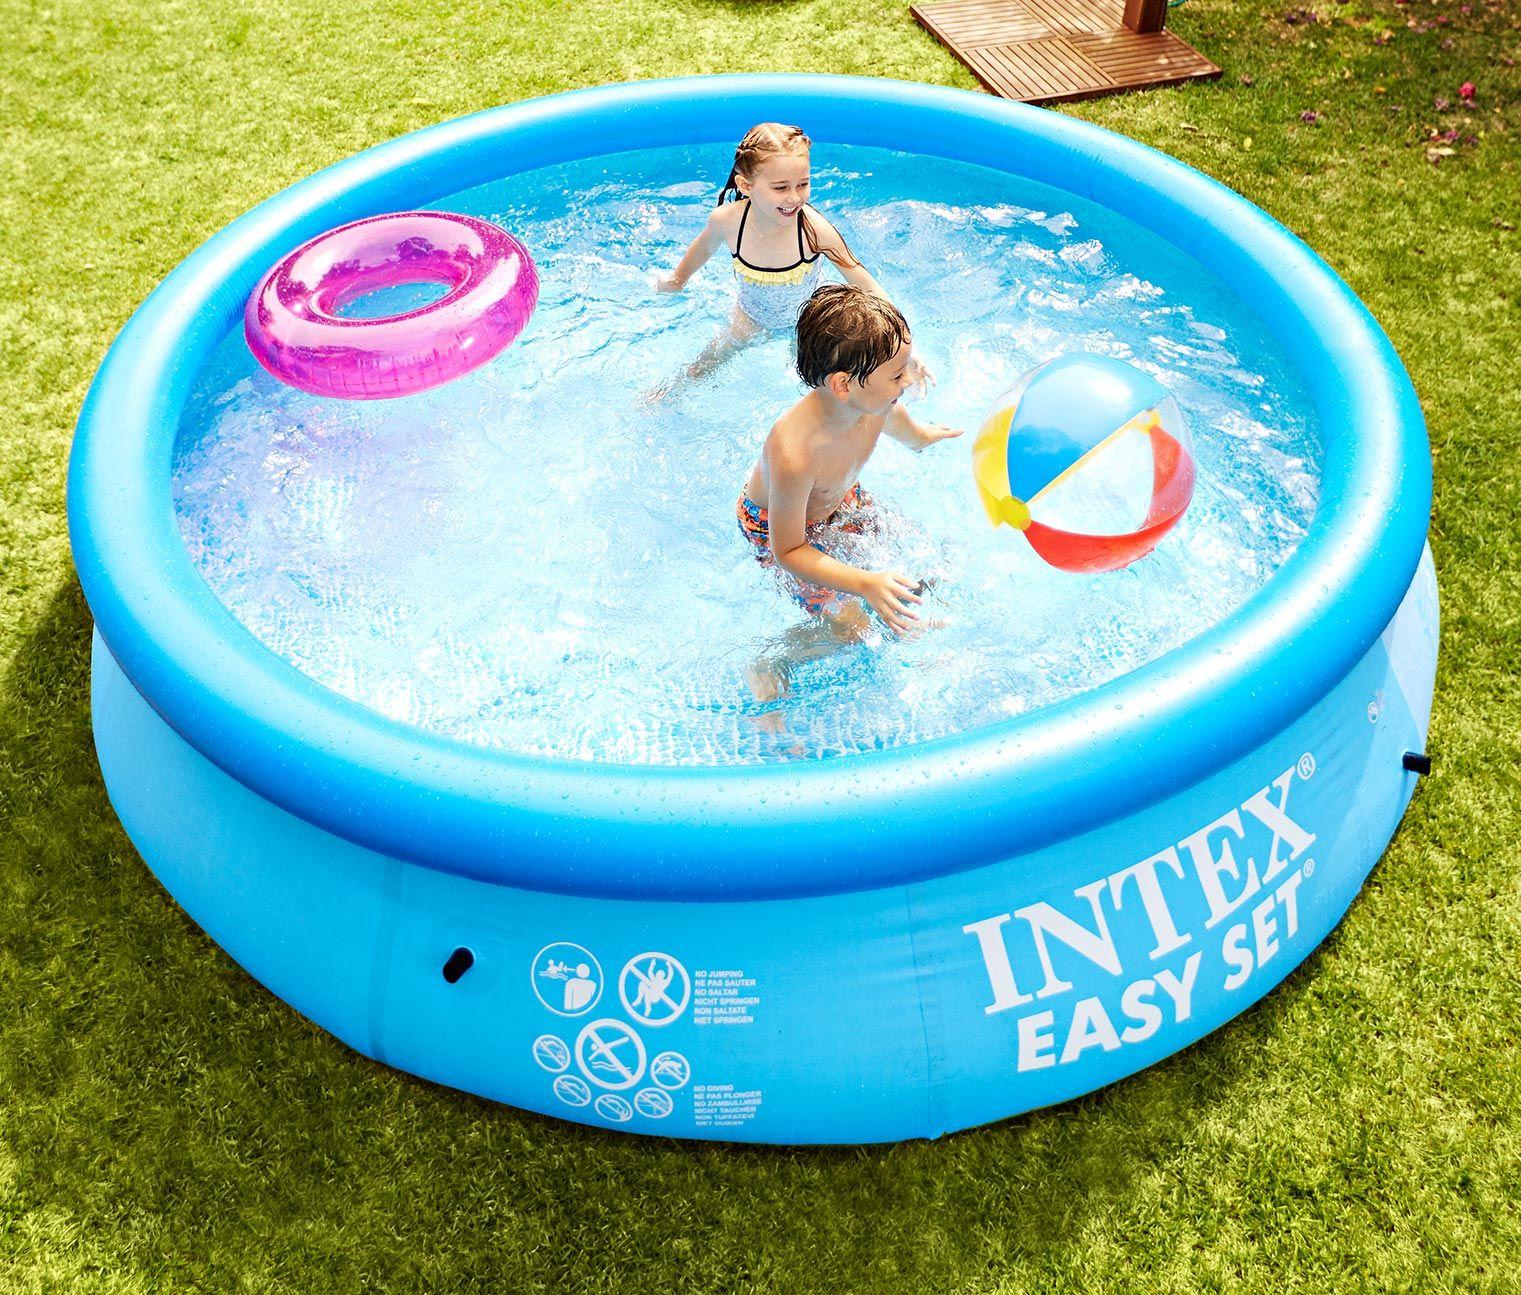 garten-pool für 79,95€ - toll für heiße sommertage: der pool bringt